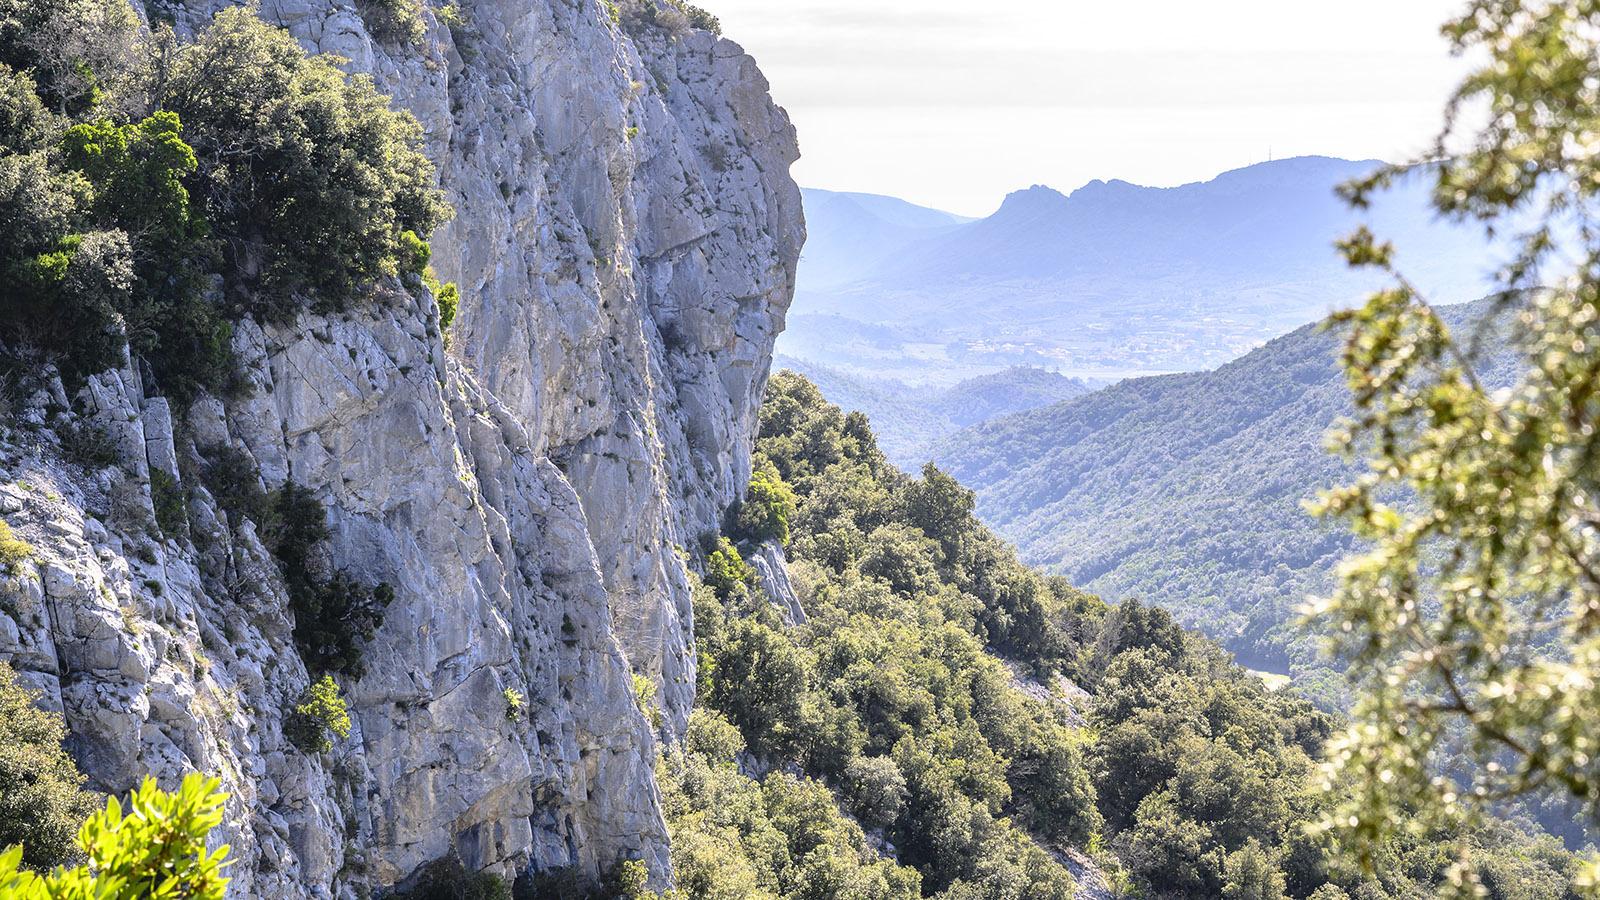 Der Blick ins Tal des Agly Richtung Maury. Hinter den steilen Felswände liegt der südliche Eingang der Gorges de Galamus. Foto: Hilke Maunder